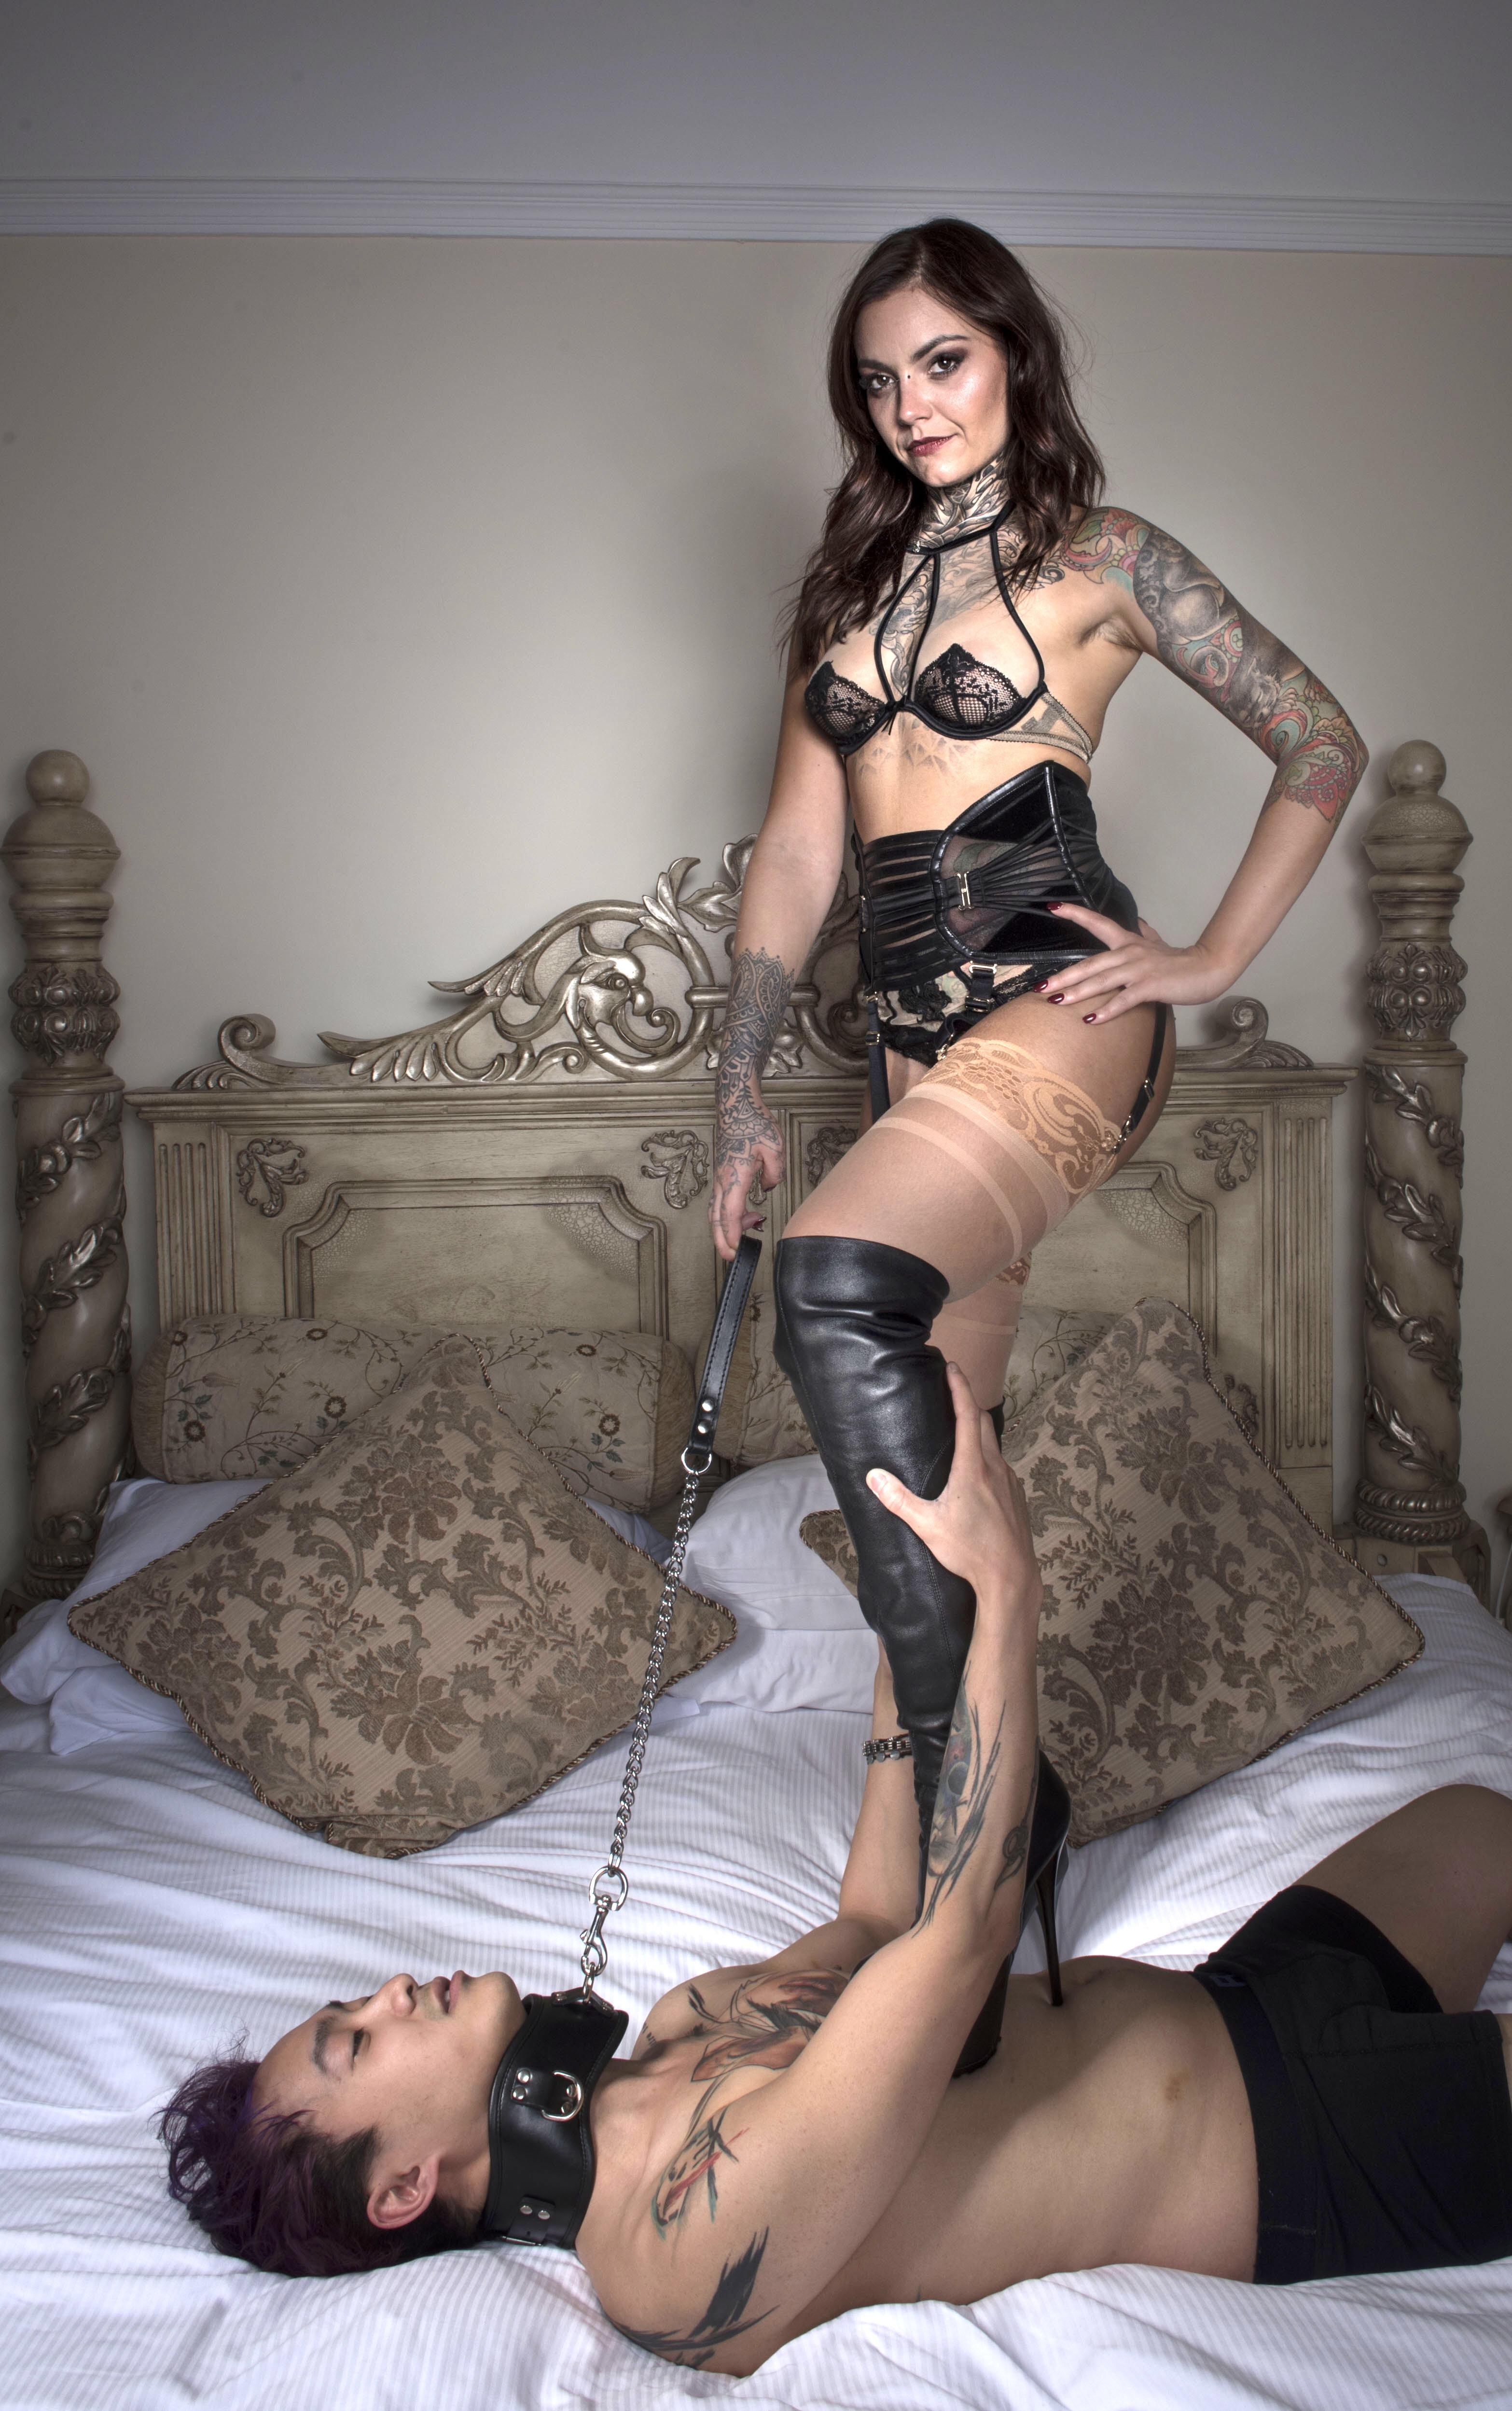 mistress nikky french nylons bristol